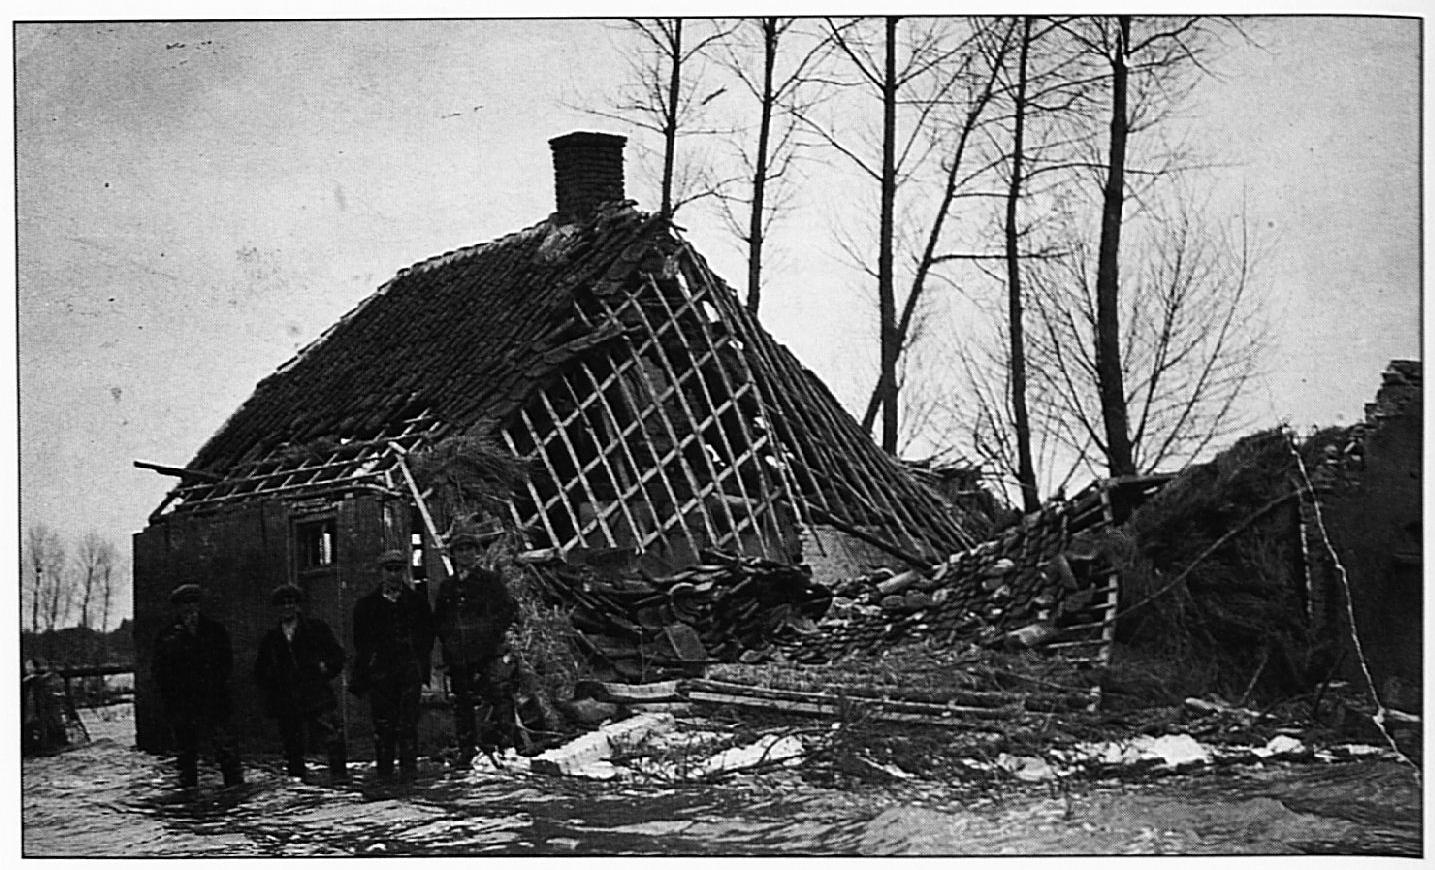 De ruïne van het huis van de familie Thijssen aan de huidige Parkstraat. De foto geeft een goed beeld van de verwoestende kracht van het water. V.1.n.r.: Antoon, Johan, Kees en Bart Thijssen.